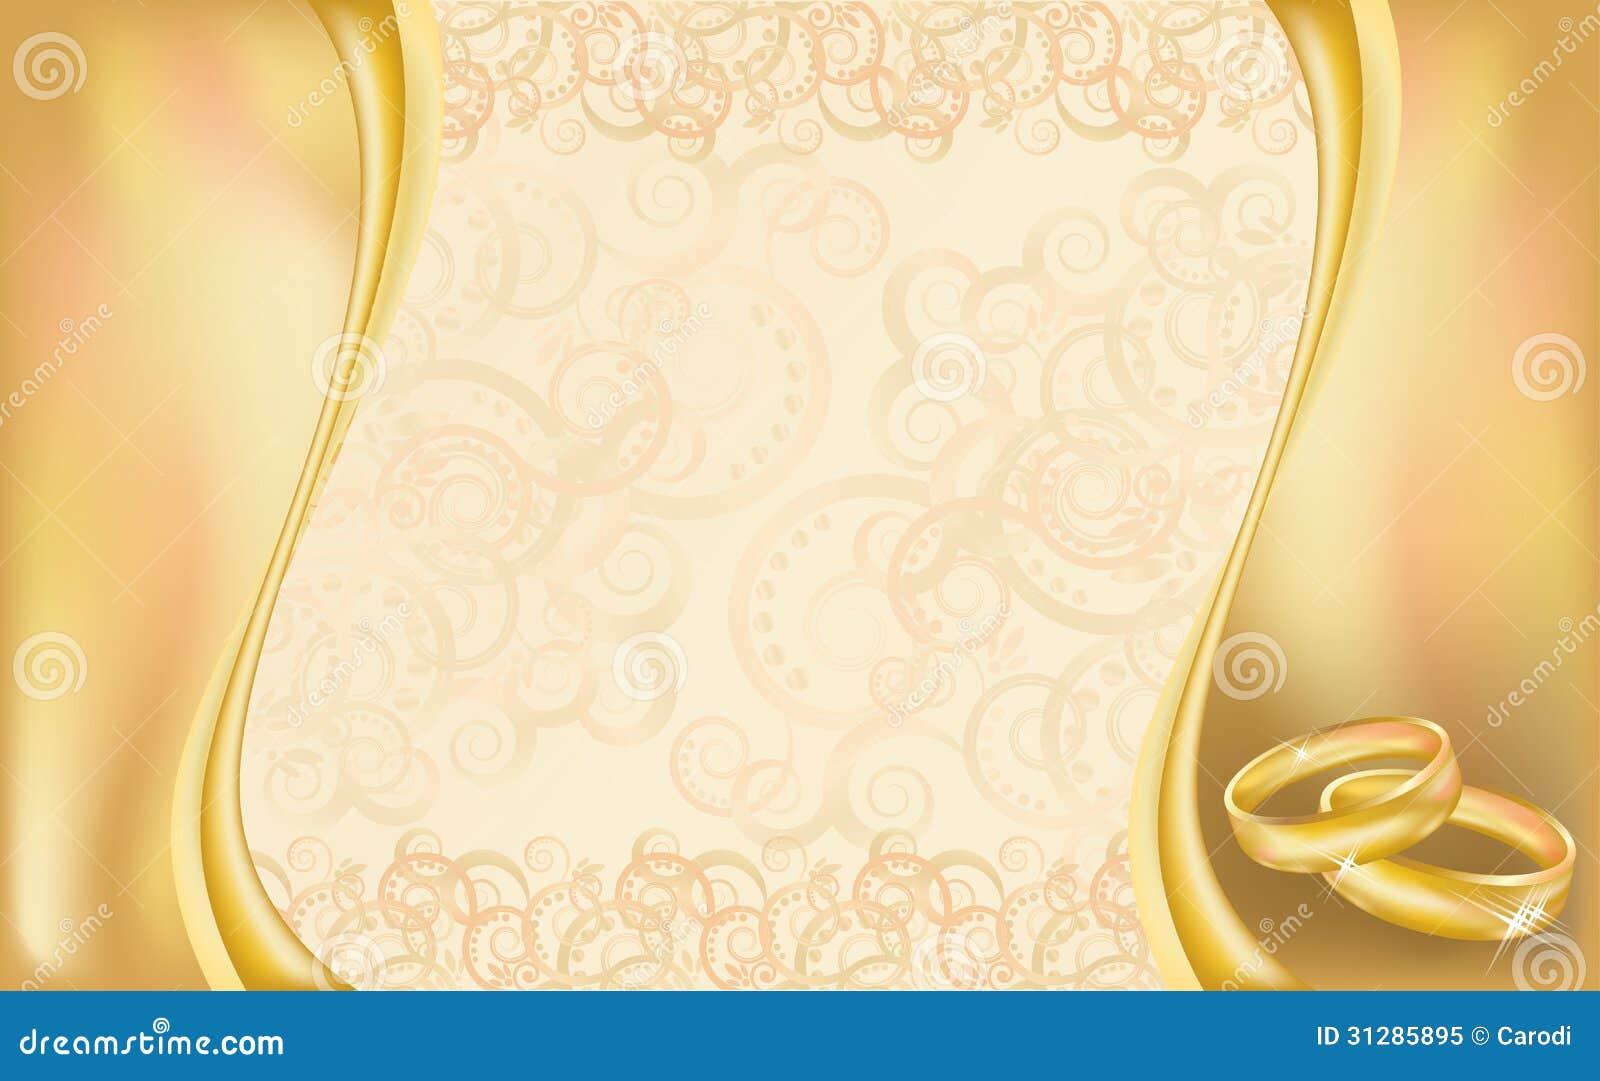 Wedding Invitation Sample Layout - Premium Invitation Template Design | Bliss Escape